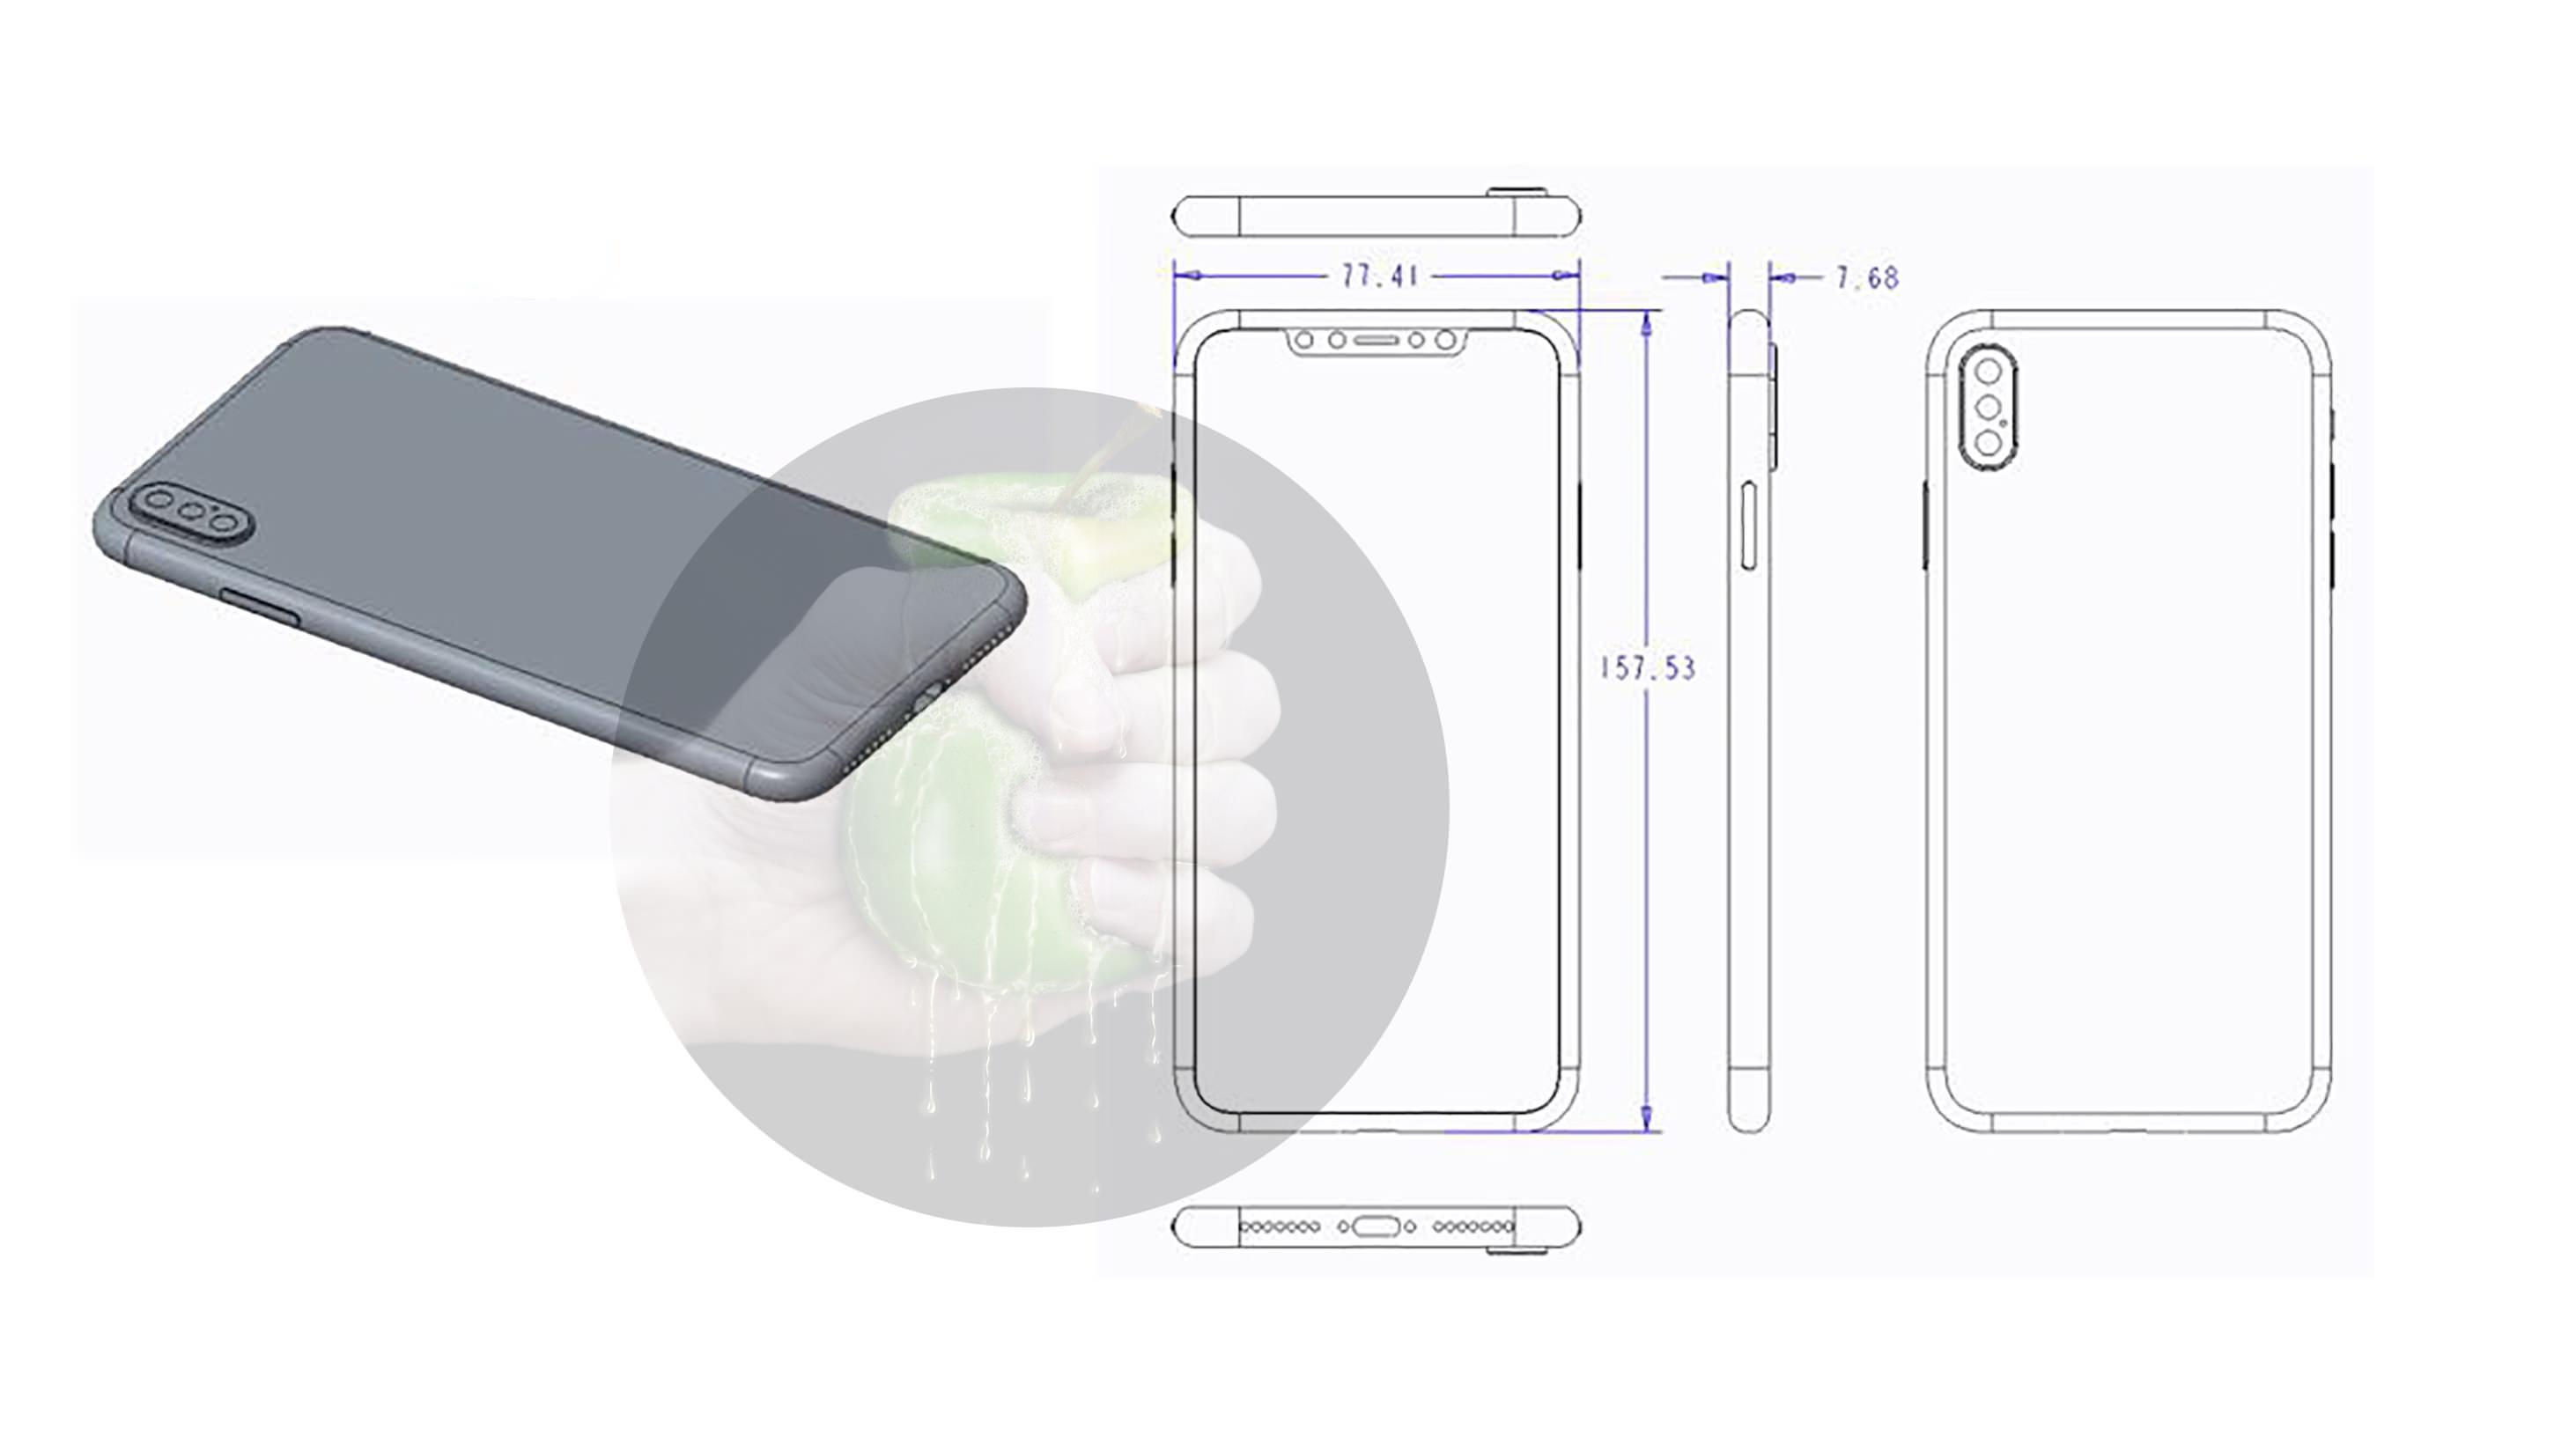 رسم تقني لجهاز iPhone 6.5 المفترض